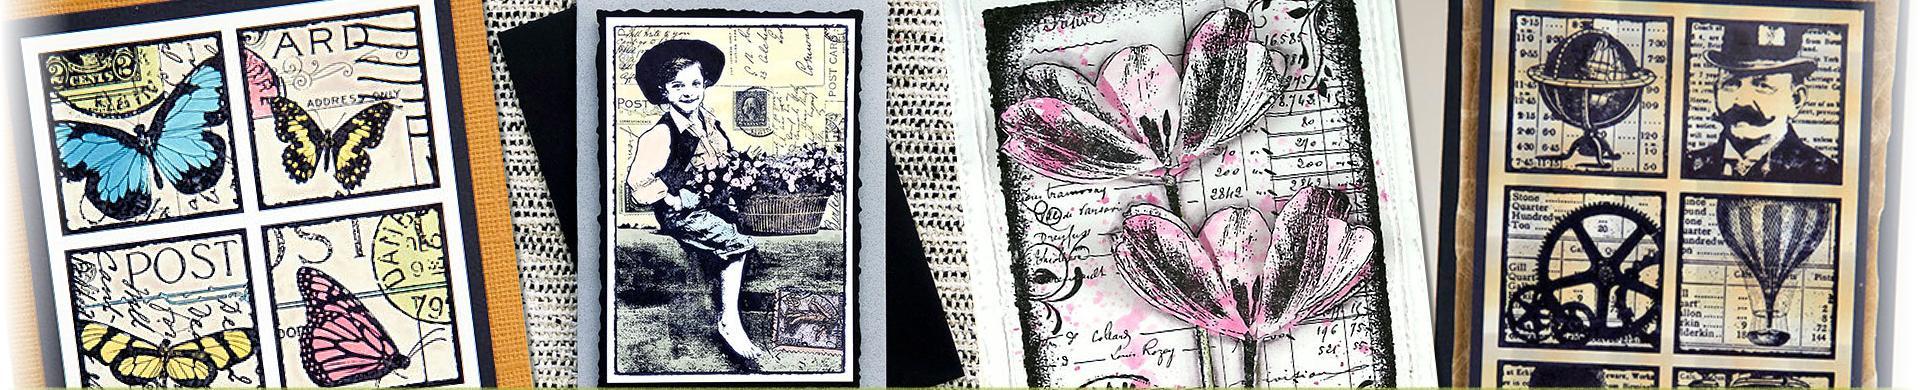 Darkroom Door Rubber Stamps - Photo, Collage & Eclectic